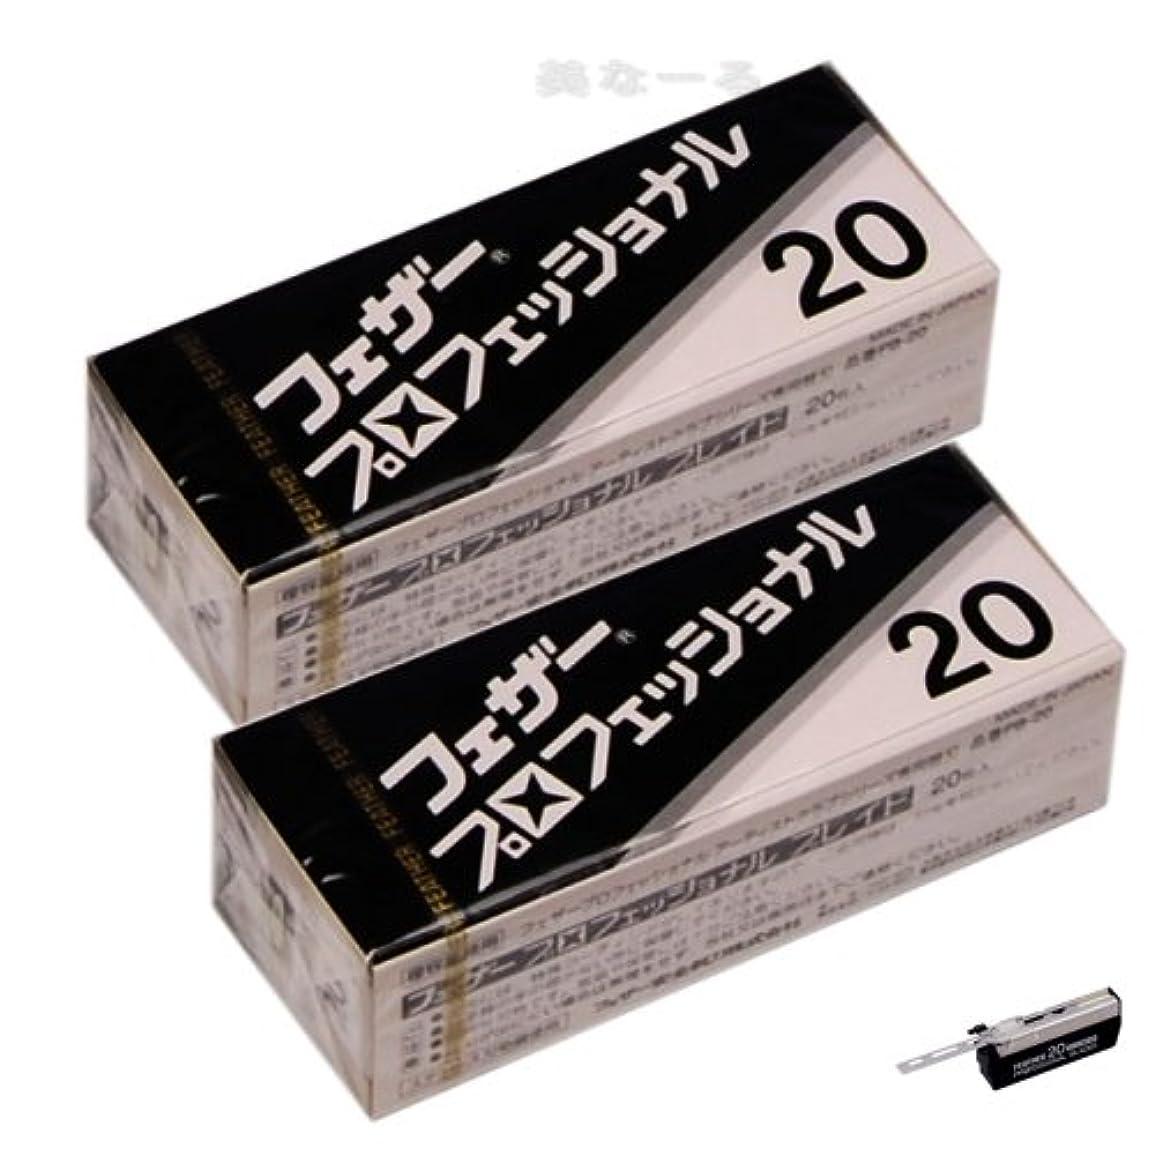 持続する独裁者フローティング【2個セット】フェザープロフェッショナルブレイド 20枚入 PB-20